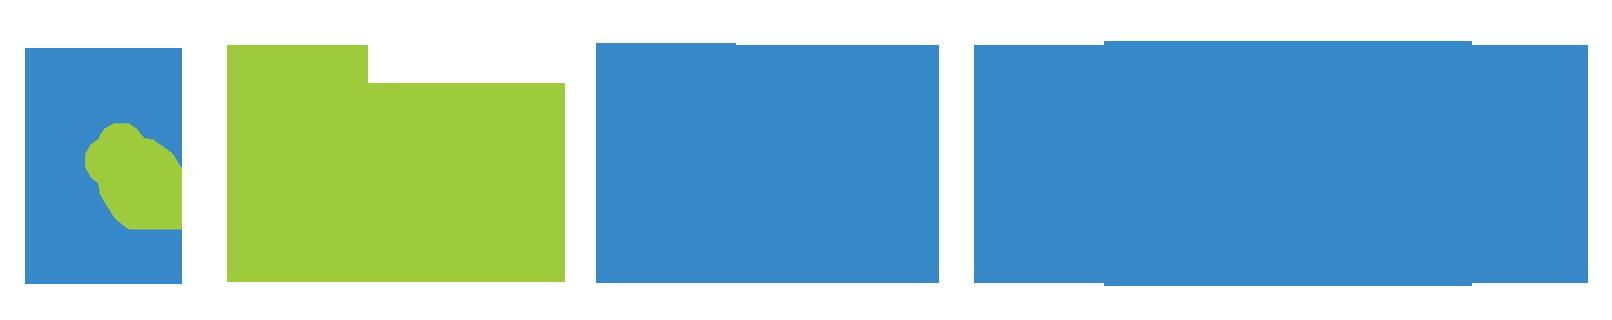 RxPense logo print [PNG]